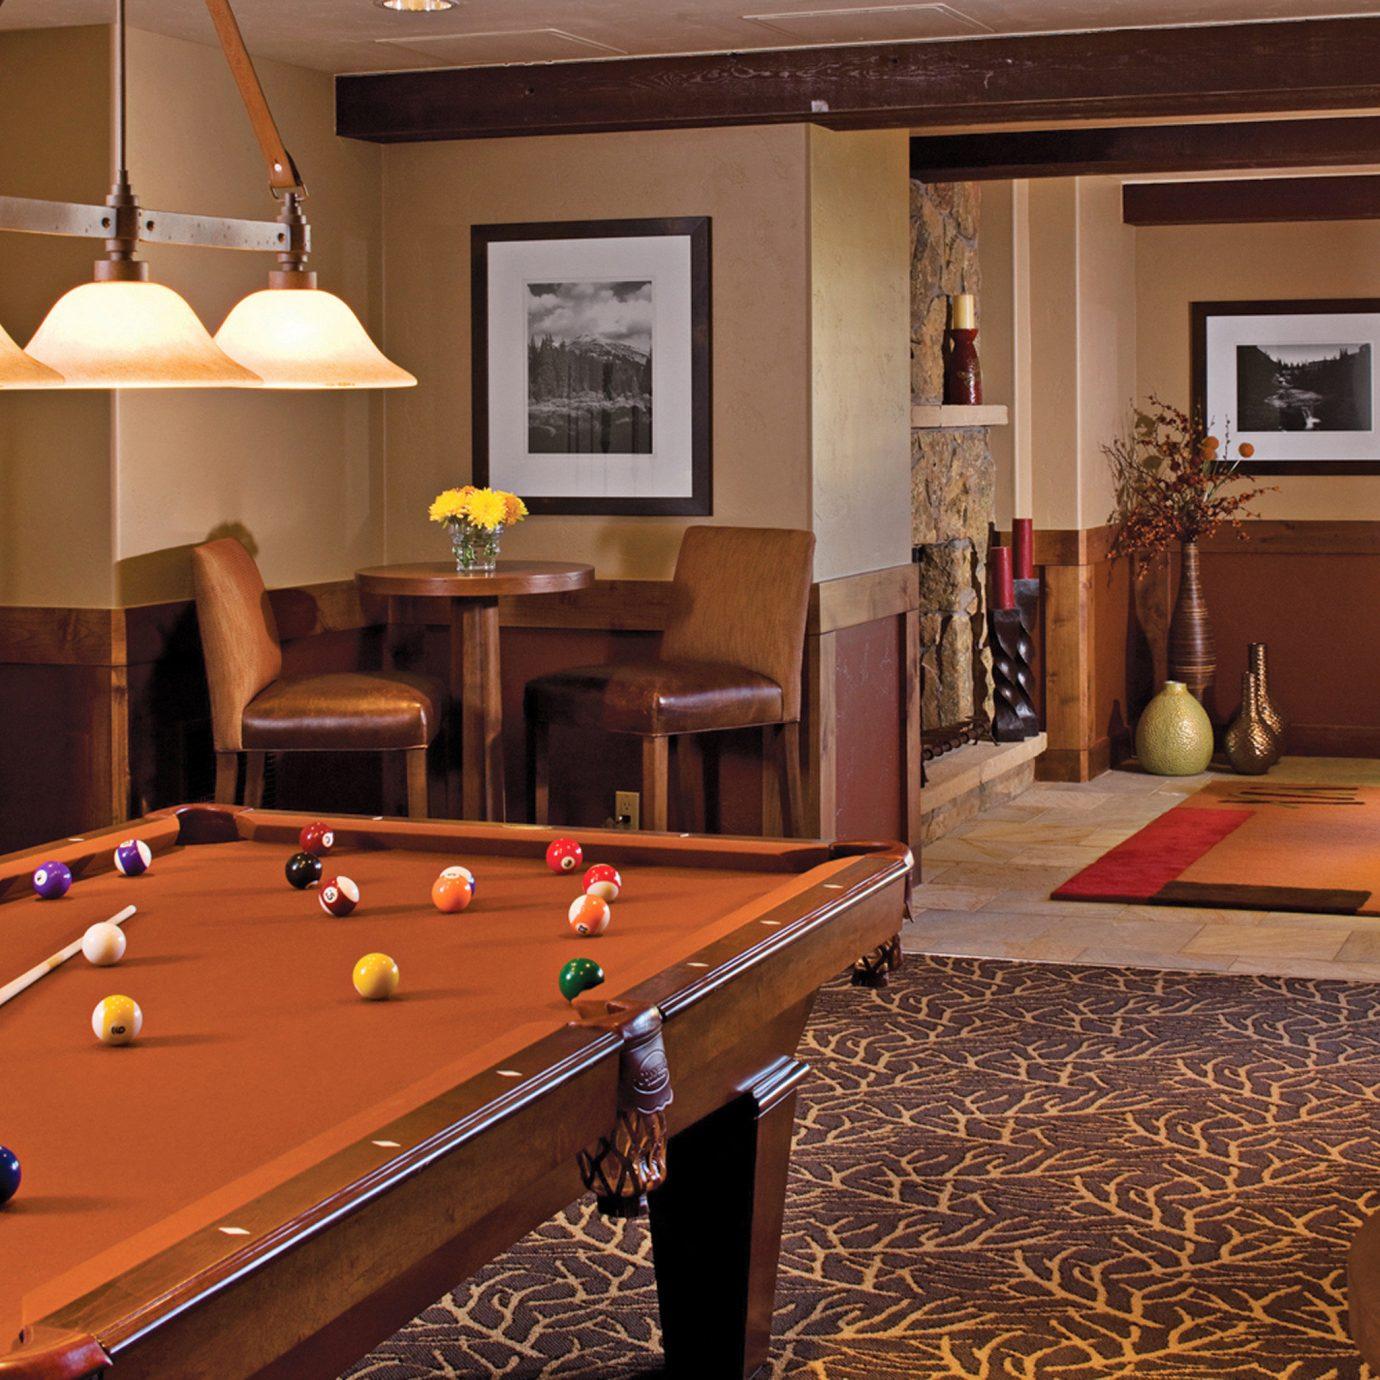 Lodge Lounge Rustic billiard room recreation room pool table poolroom hardwood billiard table living room indoor games and sports